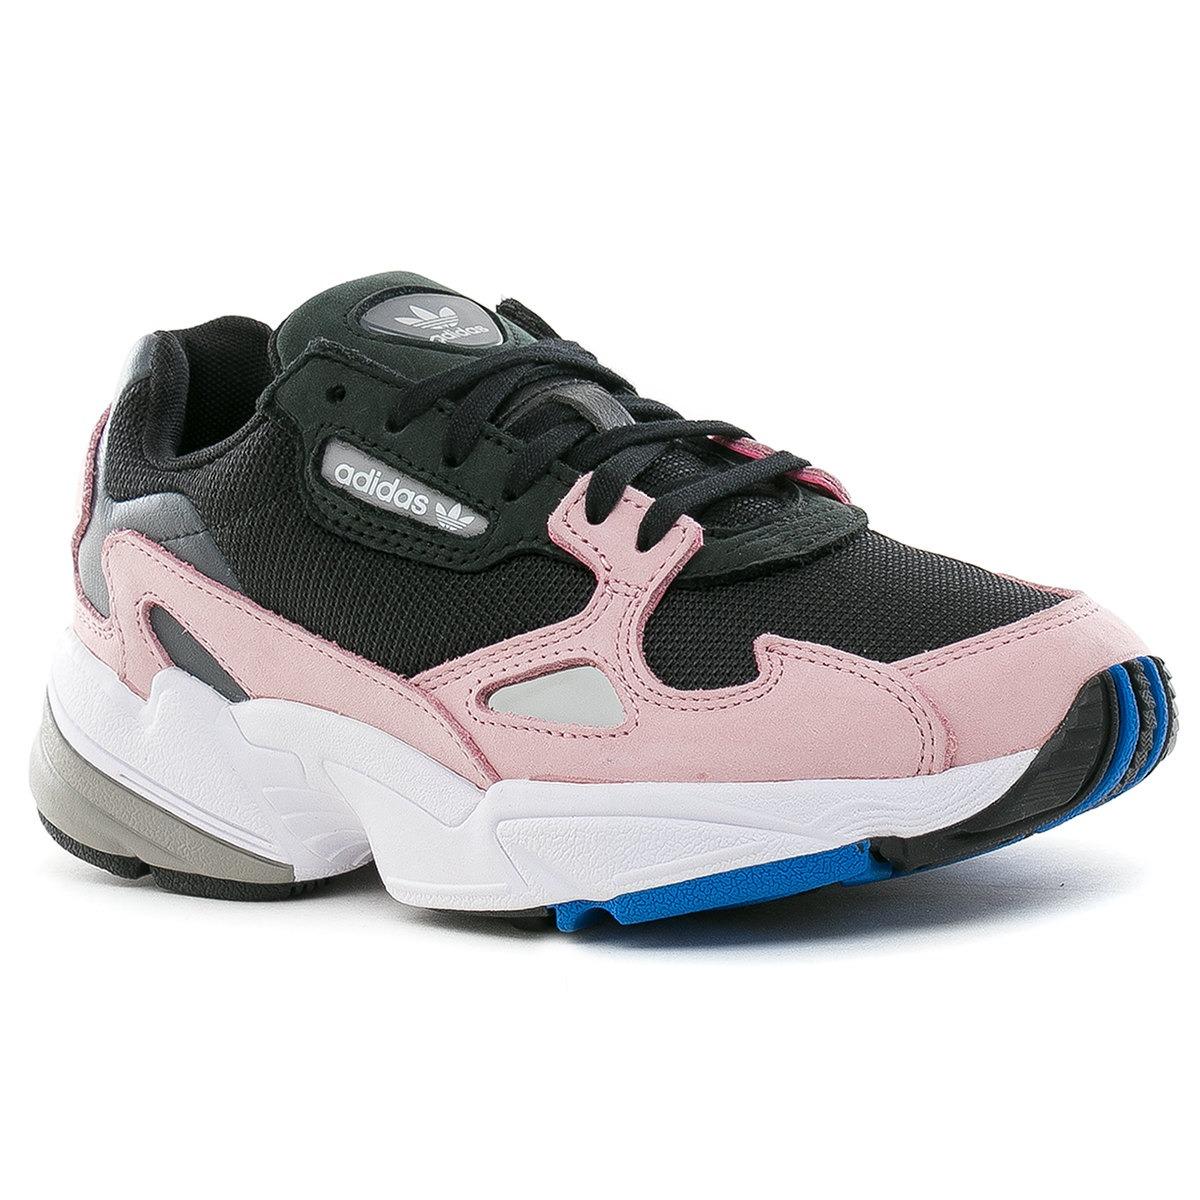 zapatillas falcon w core negra rosa adidas originals. Cargando zoom. 92db08018410